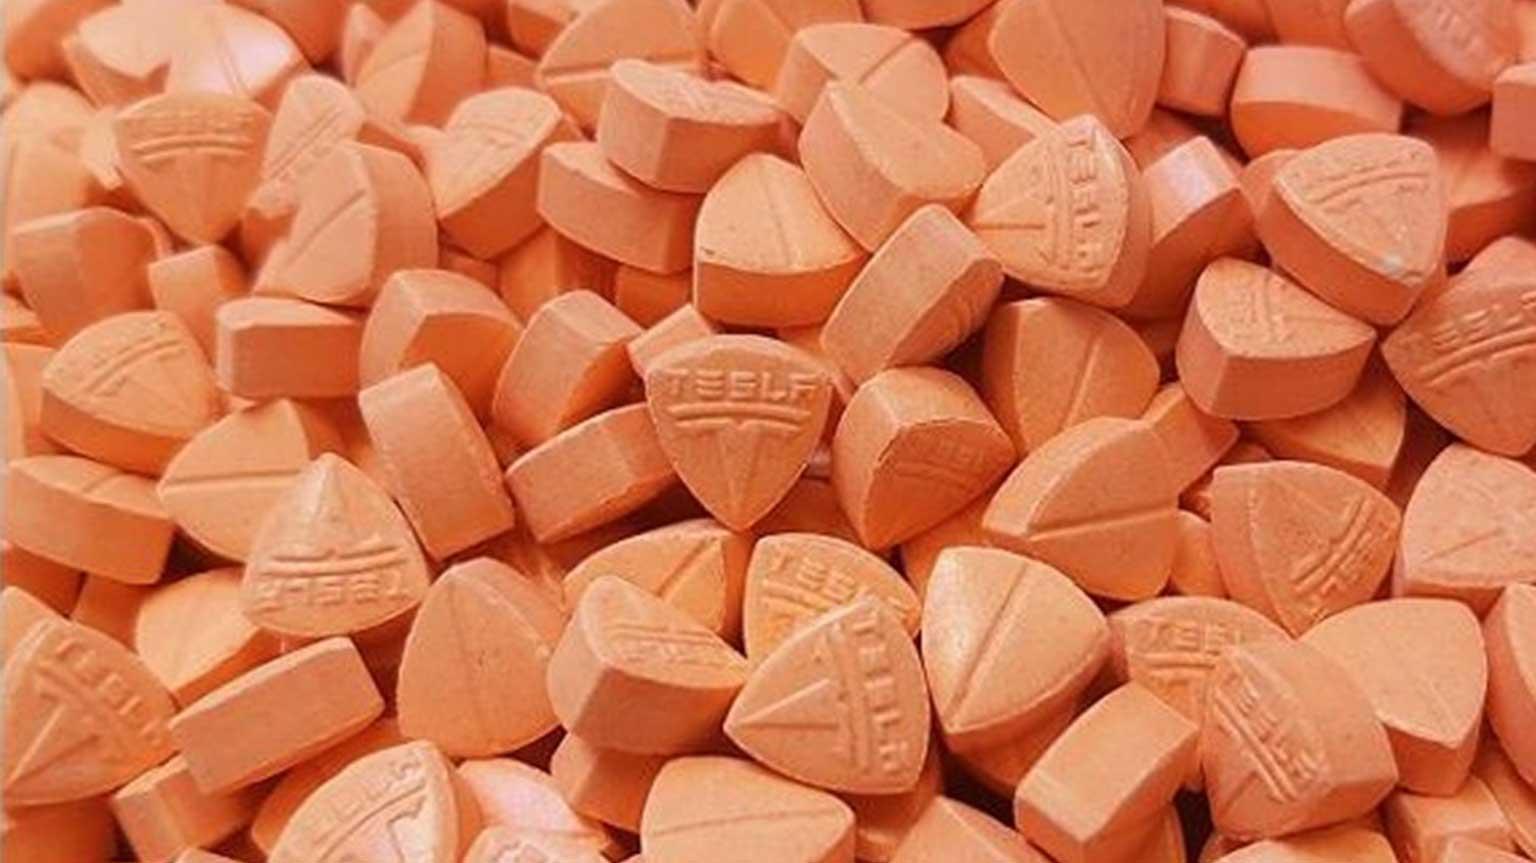 Orange Tesla Ecstasy Pills | Dangers & Effects